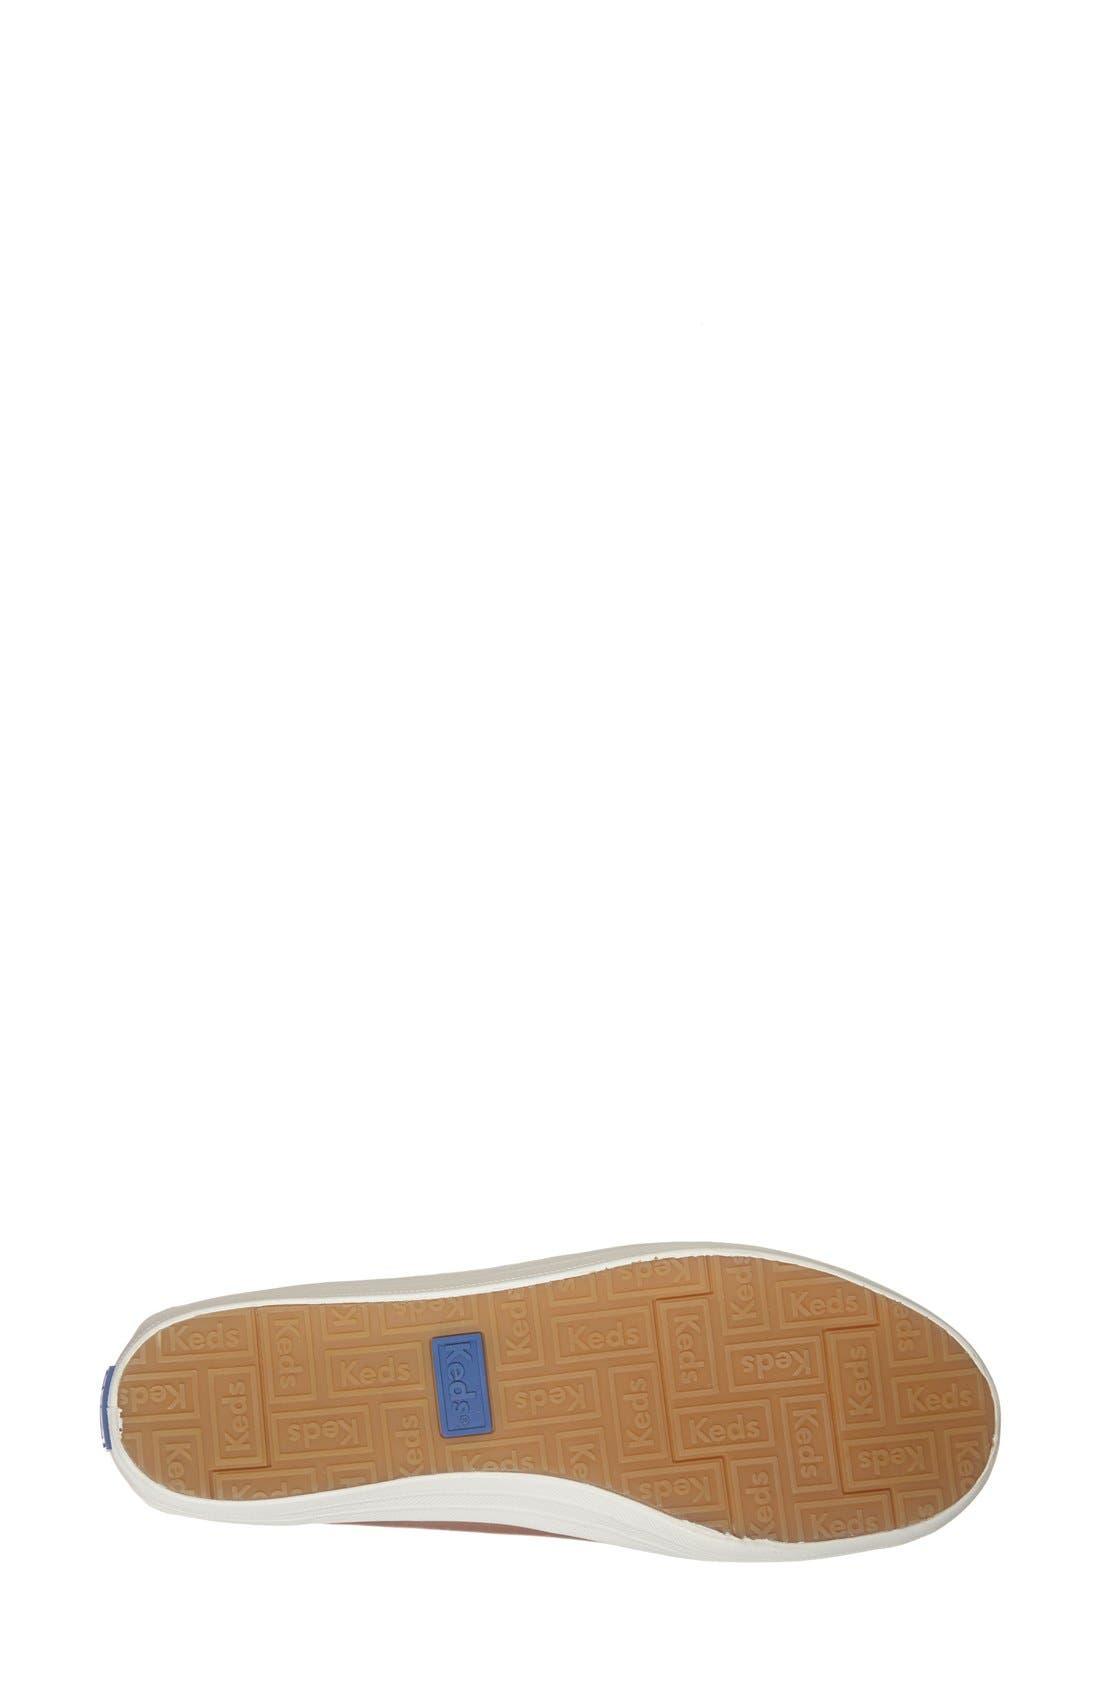 Alternate Image 4  - Keds® 'Crashback' Leather Slip-On (Women)